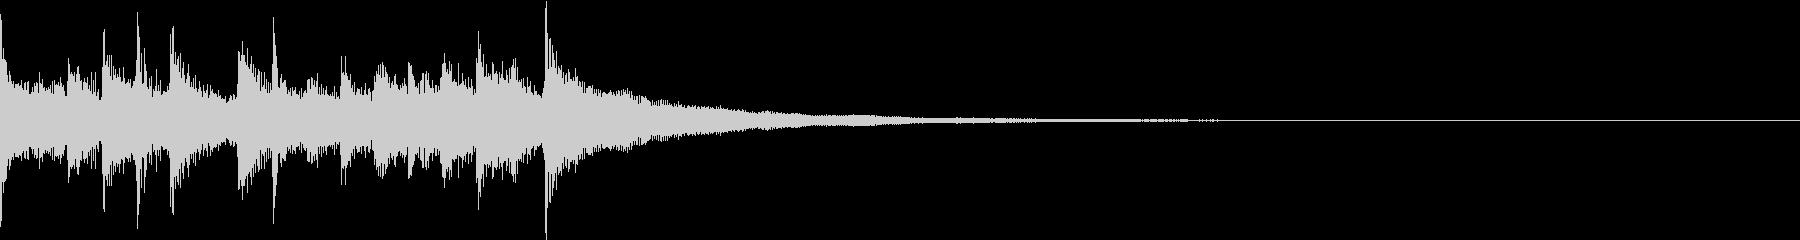 ジングル:オシャレポップギター4(XS)の未再生の波形